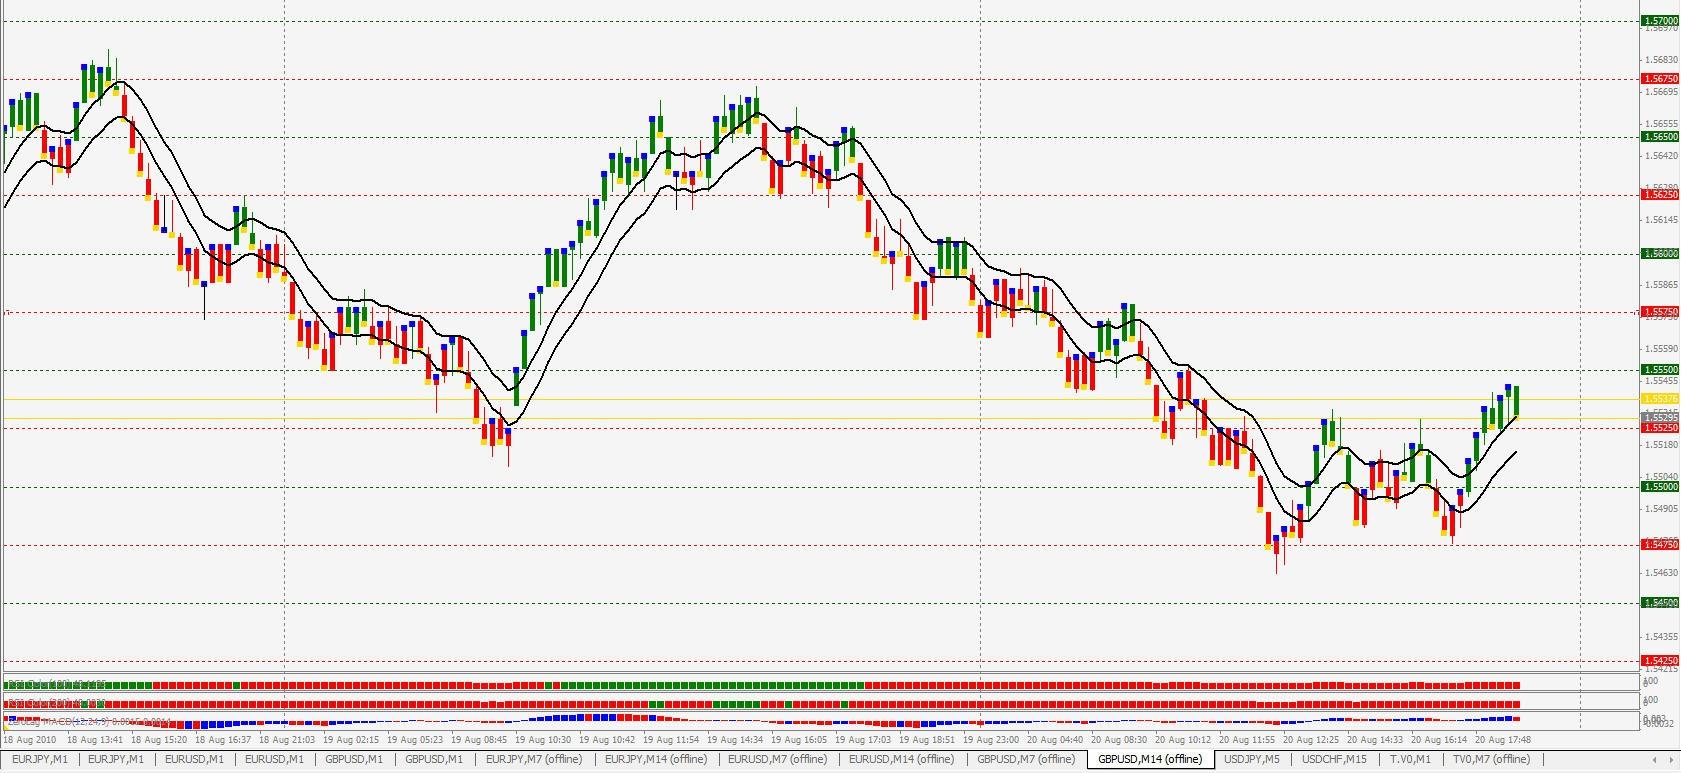 Range Bar Chart on MT4 - Free Forex Charts - MQL4 and MetaTrader 4 - MQL4 programming forum